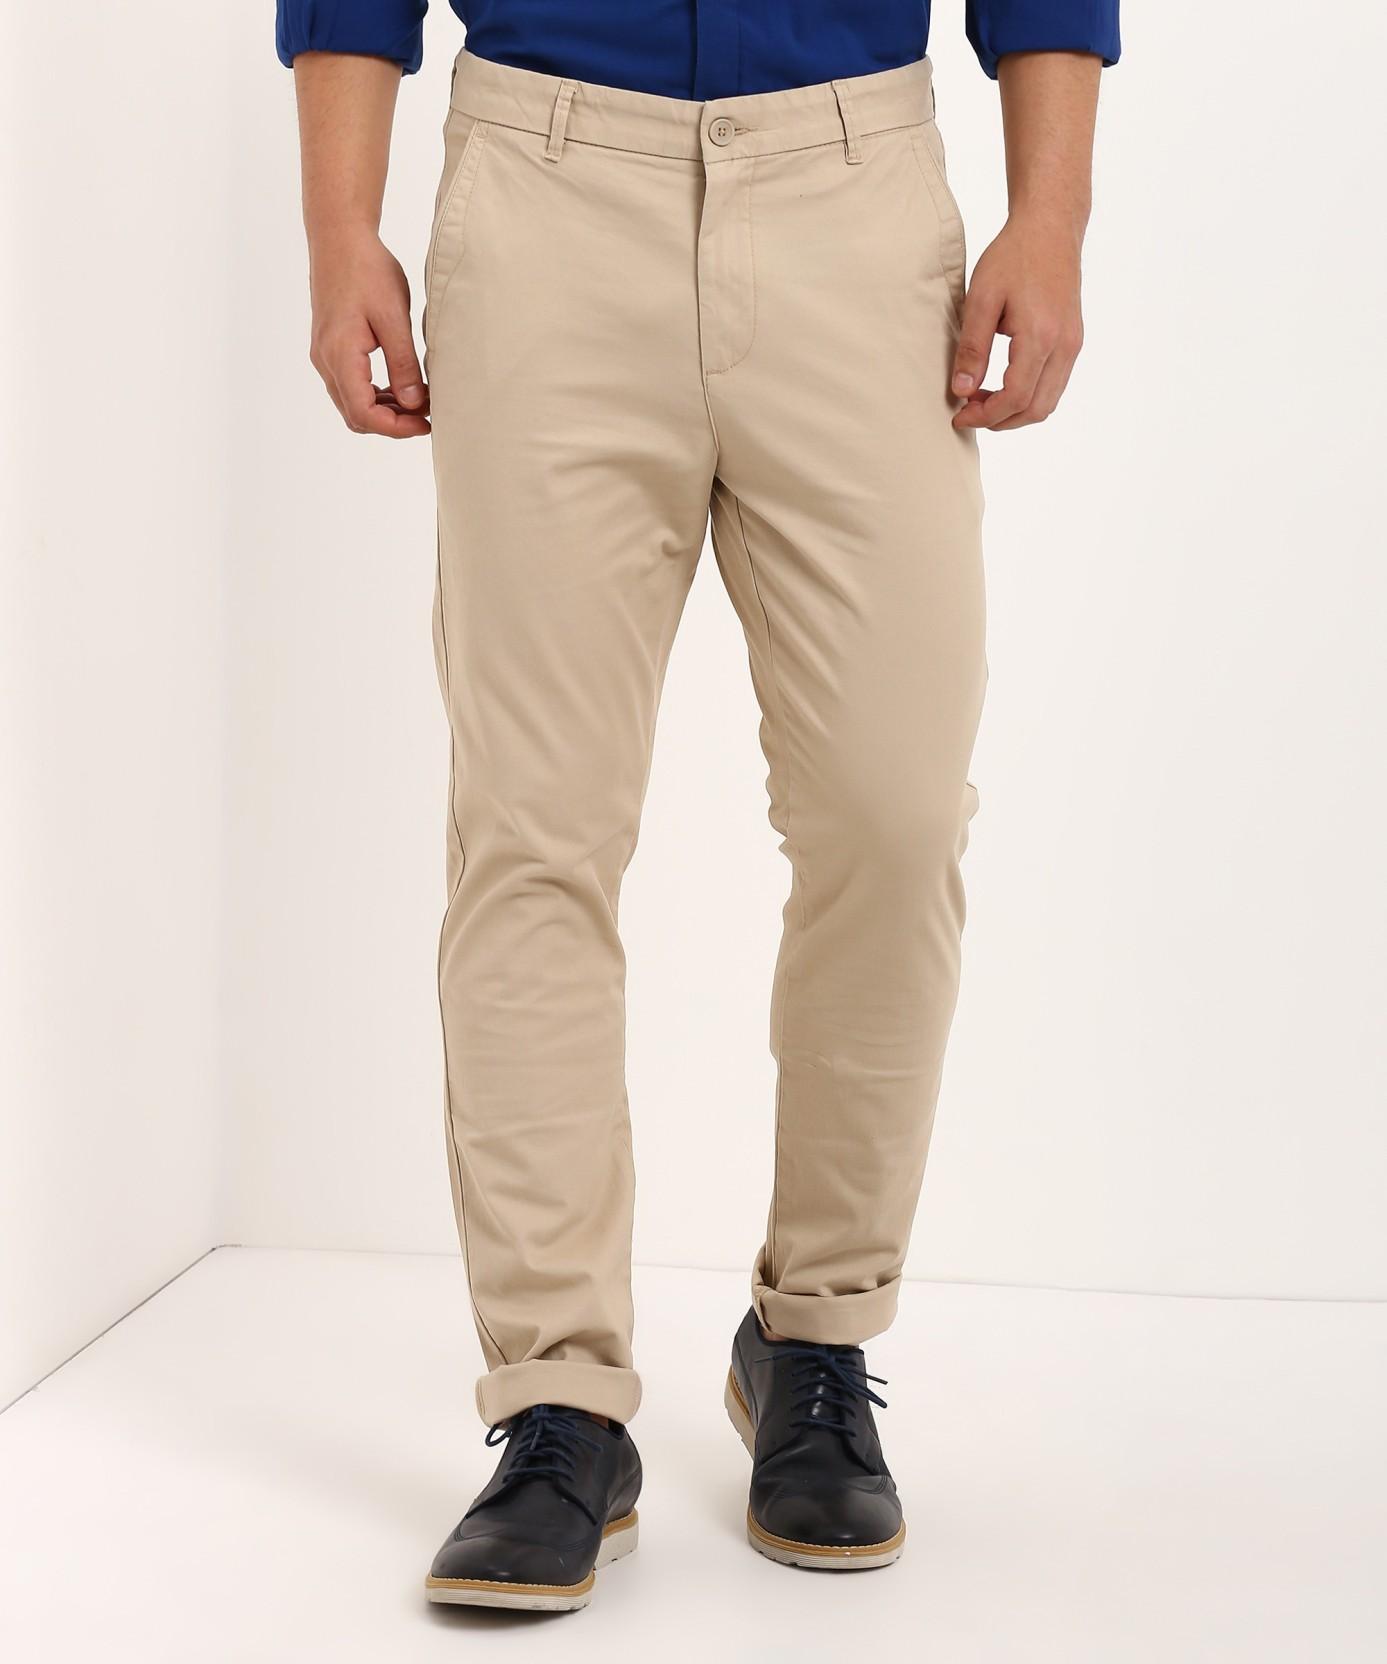 16c4f43922 Mens Cream Colored Dress Pants